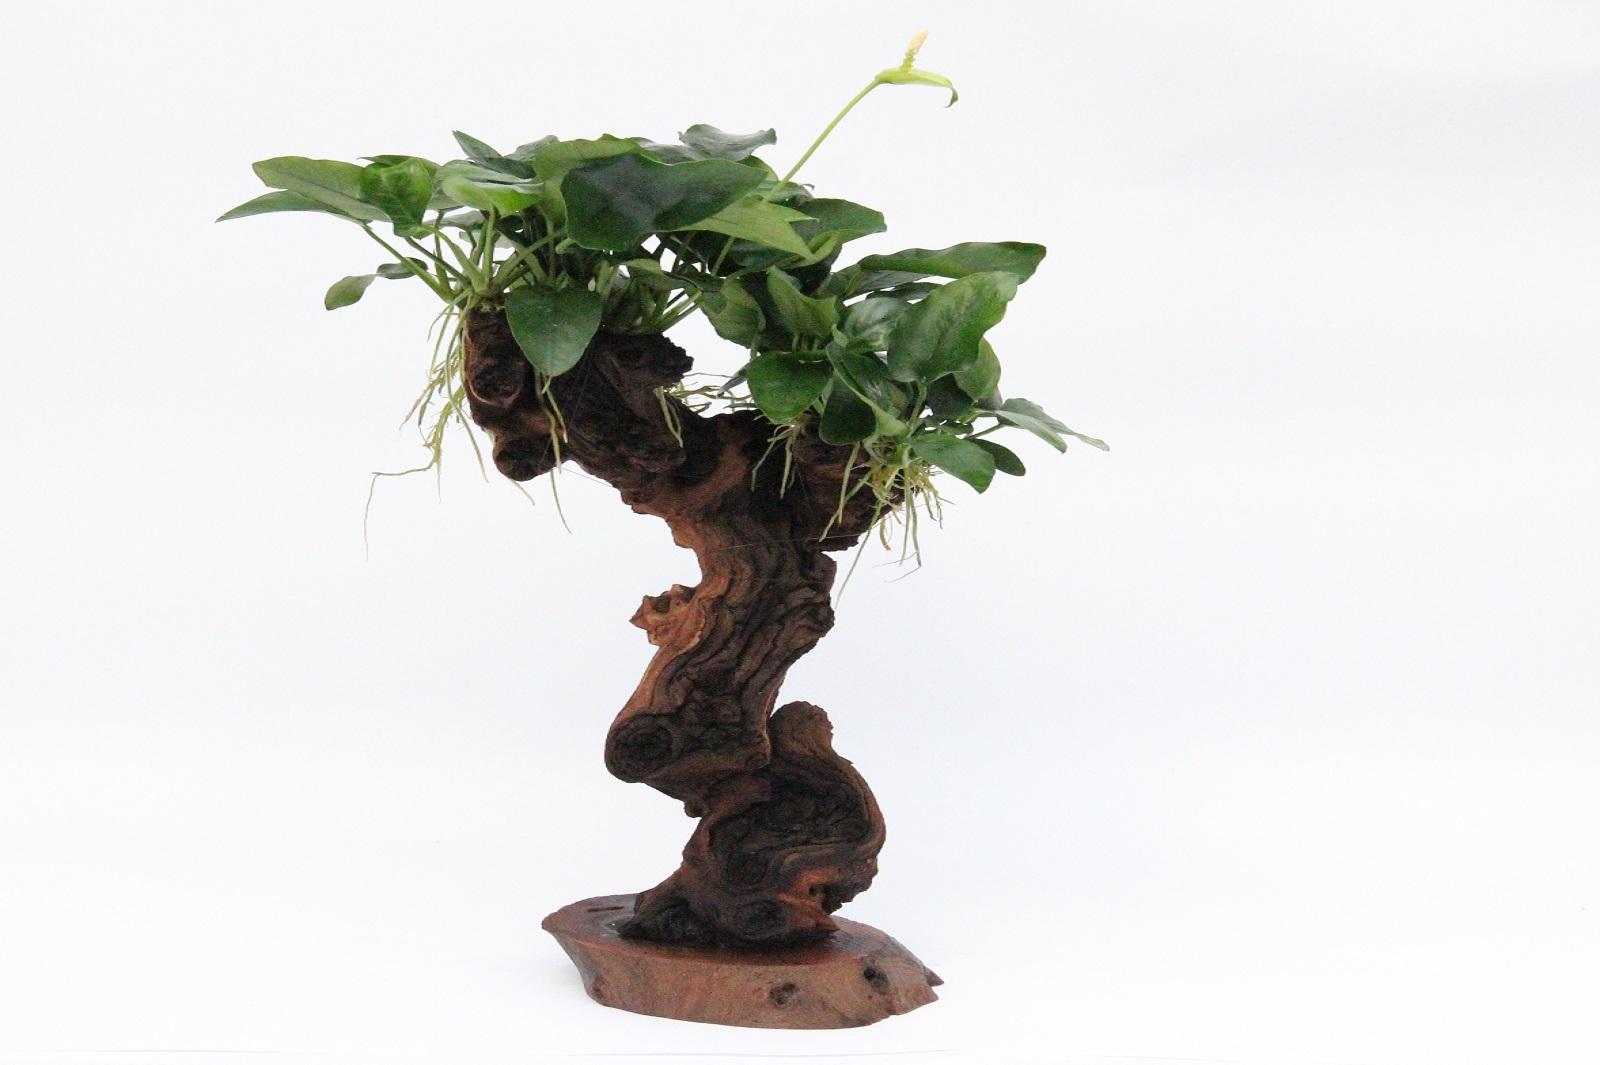 Mbuna mittel mit A 21.0 Aquariumpflanze